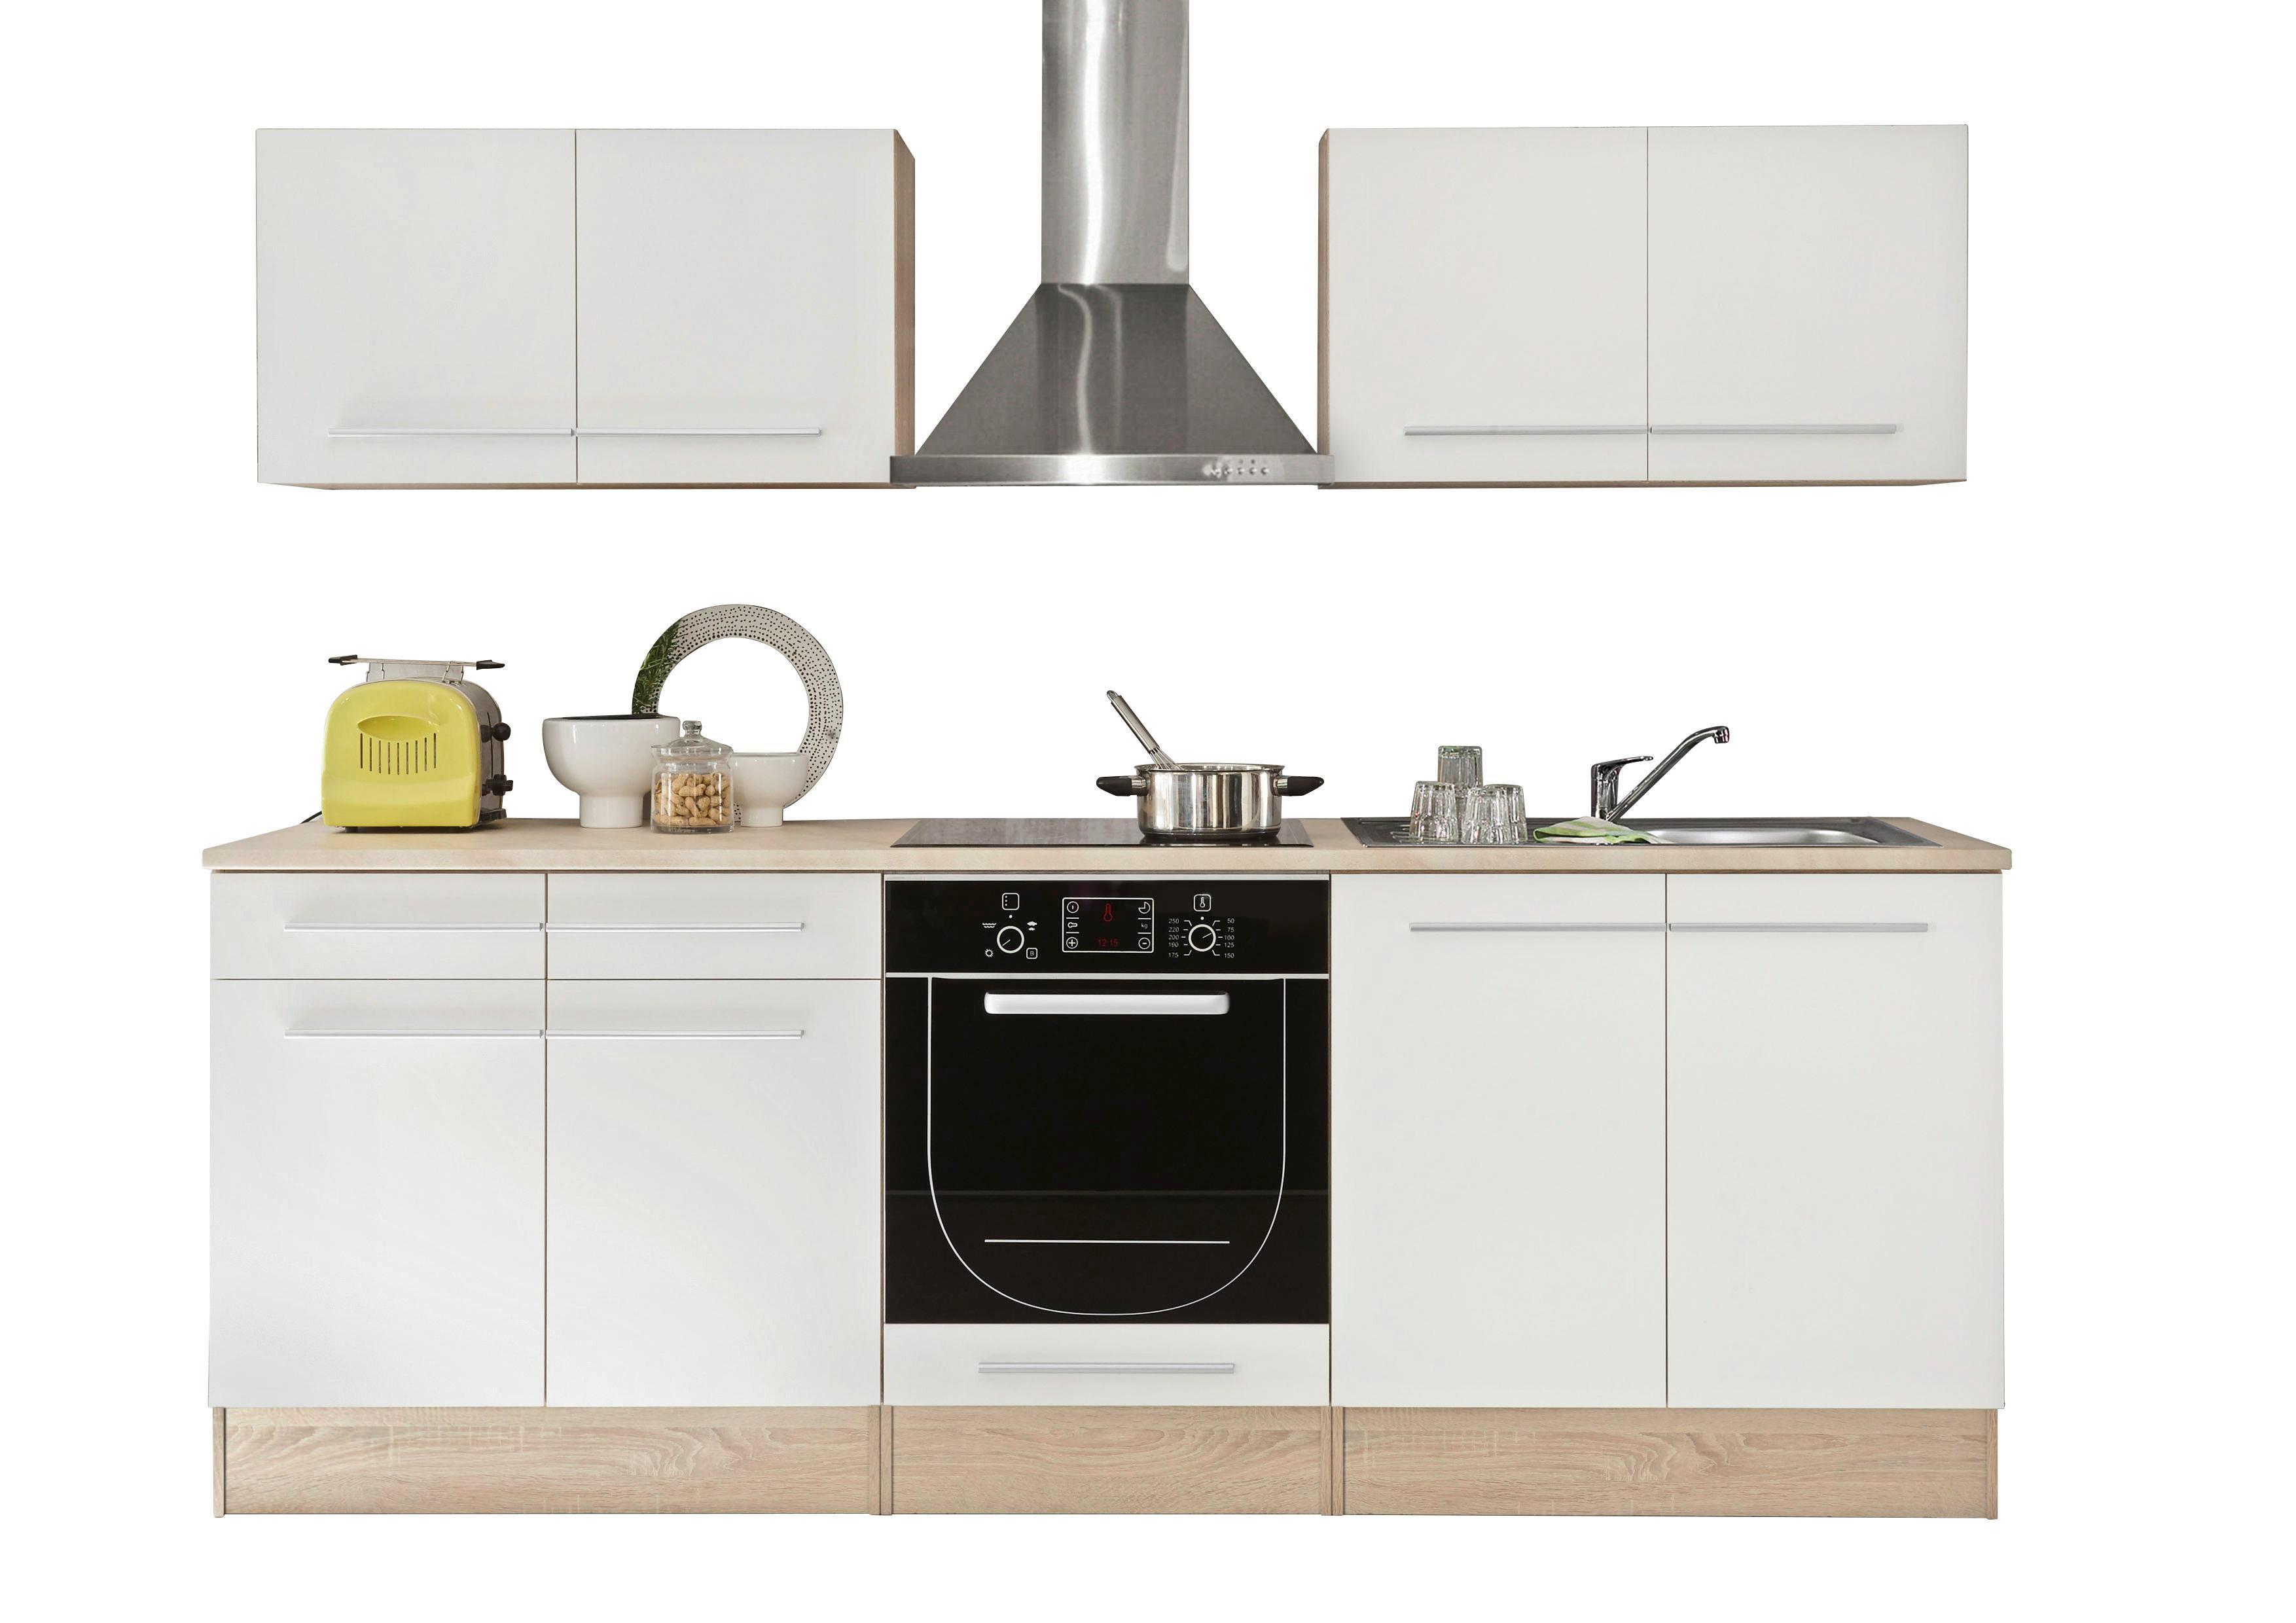 Miniküche Mit Kühlschrank Kaufen : Respekta miniküche pantry single küche küchenblock cm weiss